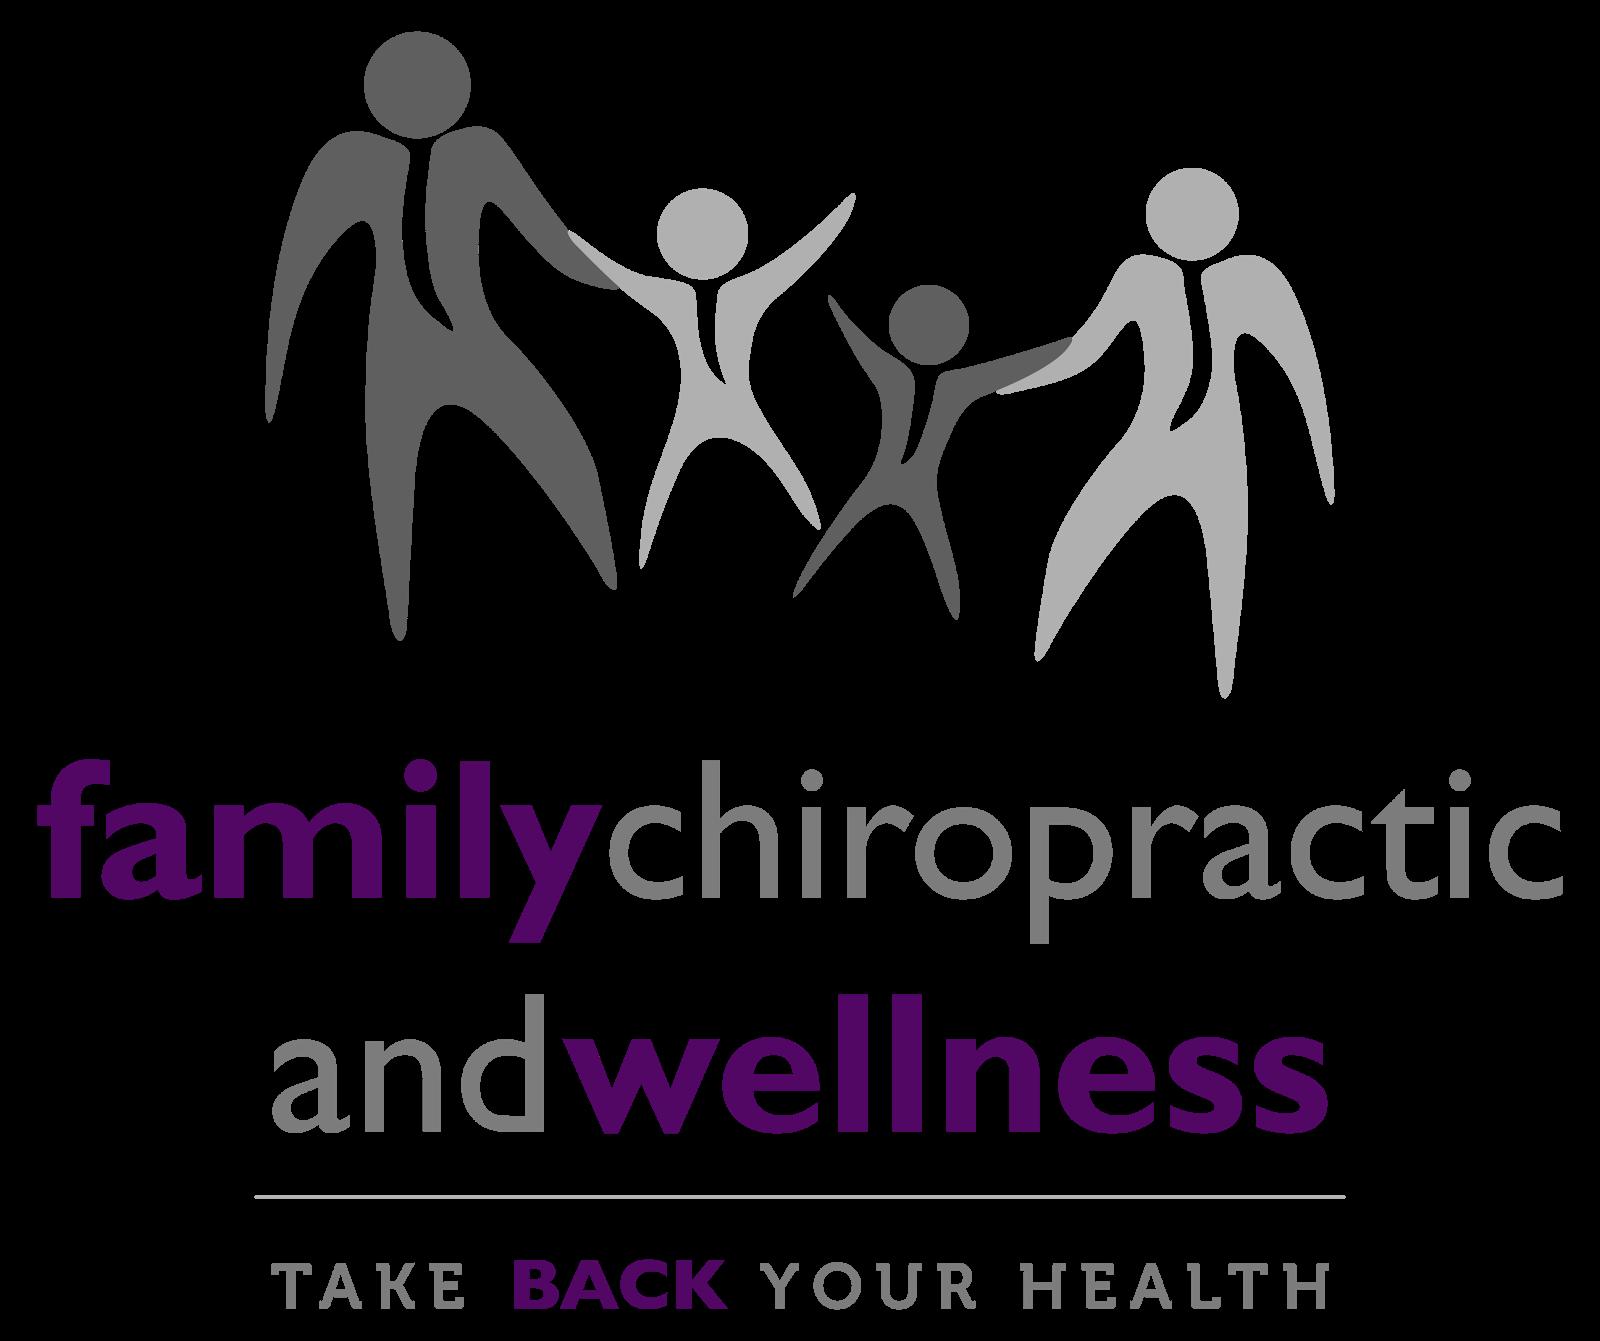 sponsor 2018/chiropractic/wellness